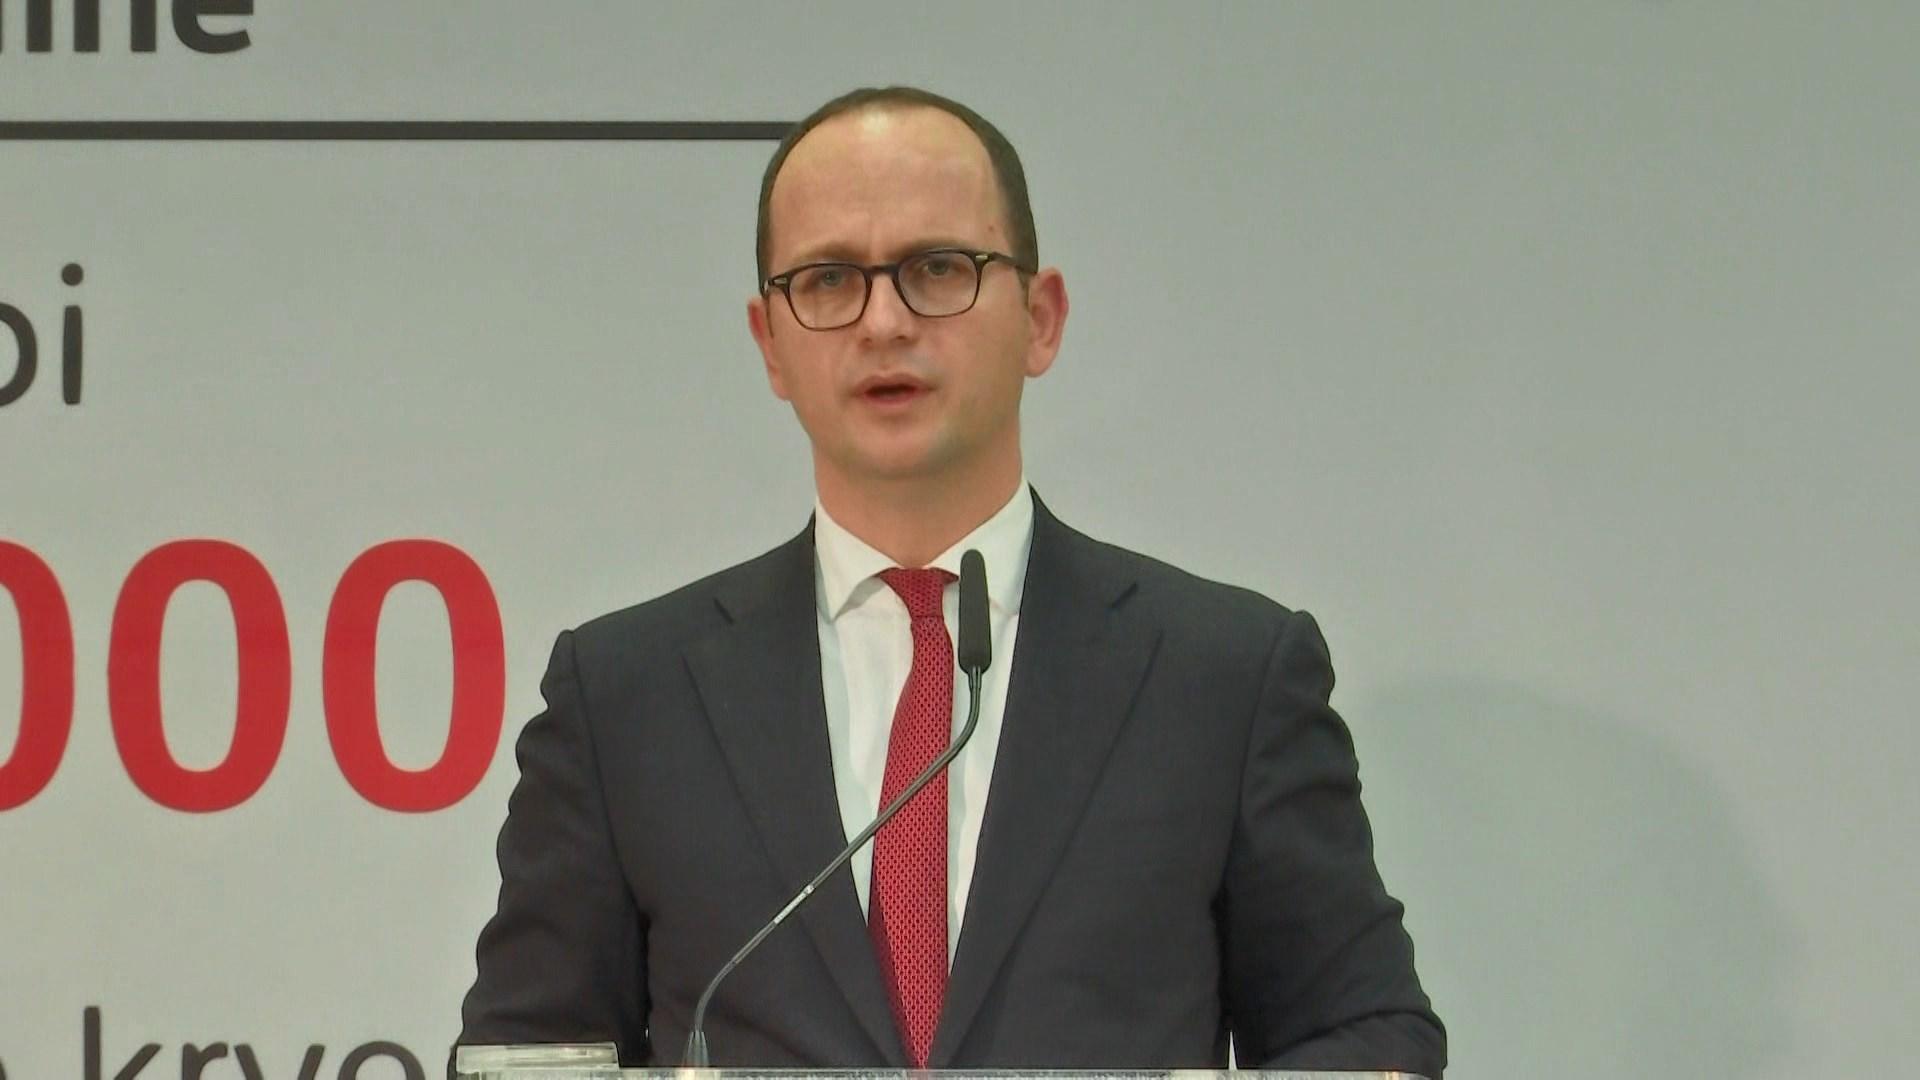 Në janar hiqet çertifikimi i përkthimit të dokumentit për shqiptarët në Itali